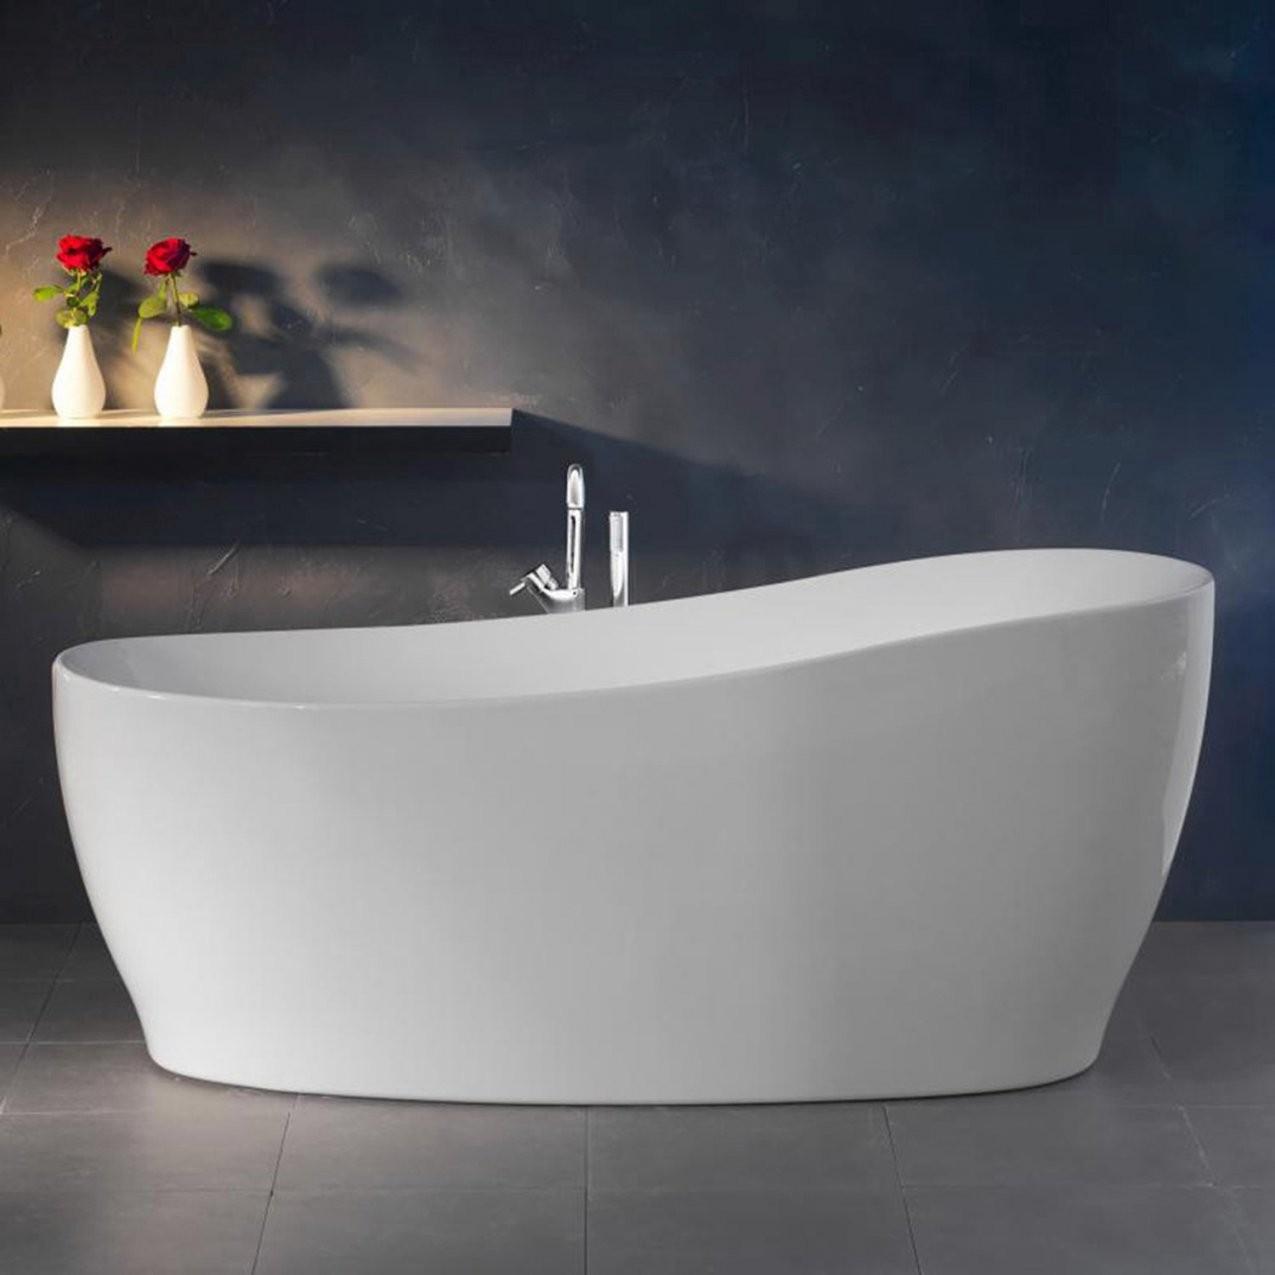 Freistehende Badewanne Aviva 180 Cm X 85 Cm Weiß Kaufen Bei Obi von Kleine Badewannen Freistehend Bild